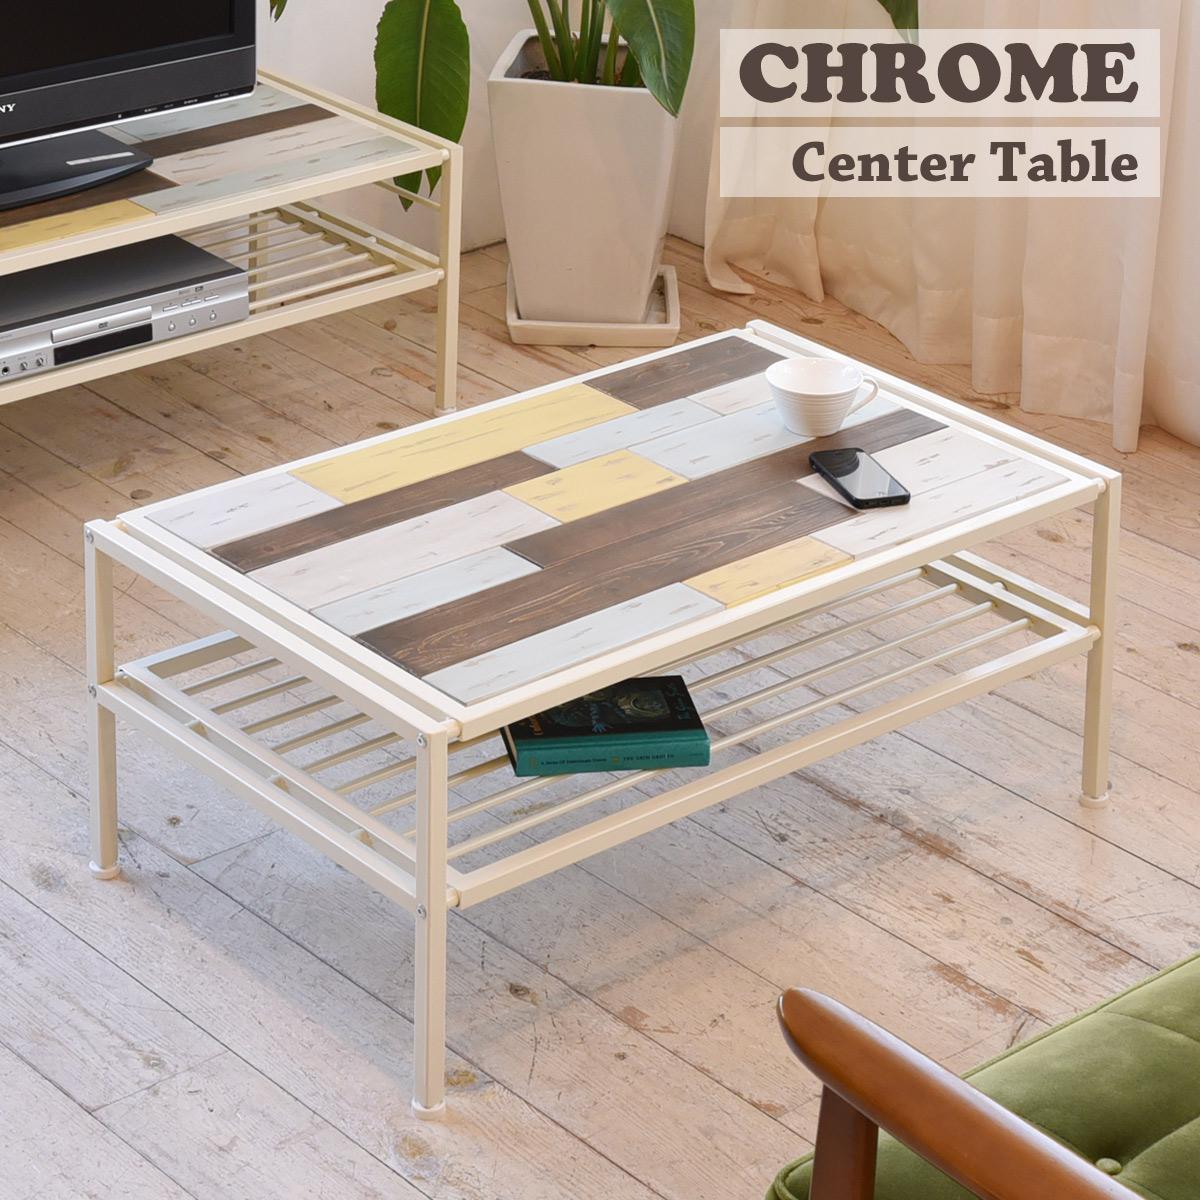 センターテーブル 天然木 テーブル ローテーブル リビングテーブル 北欧 木製 アイアン おしゃれ アンティーク 塗装 モダン スタイリッシュ ハンドメイド ナチュラル